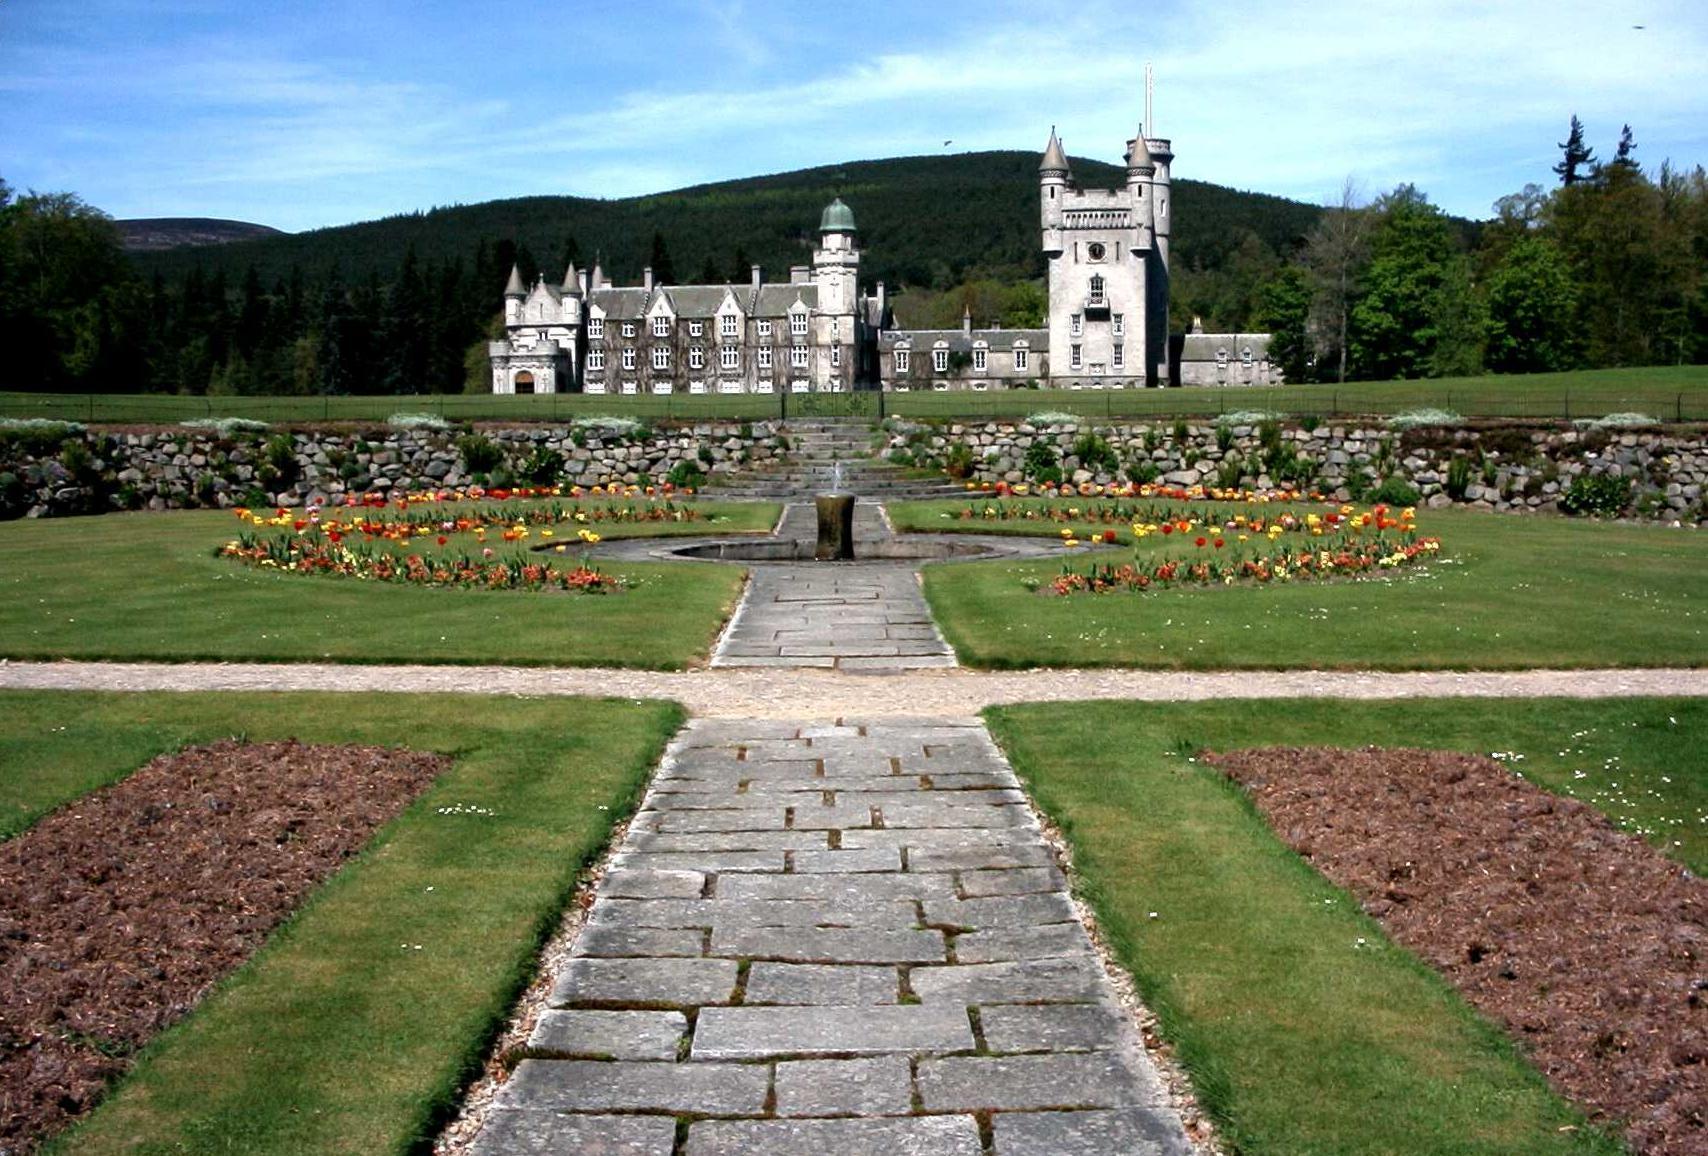 Balmoral Castle Masquerade Photo 12708523 Fanpop